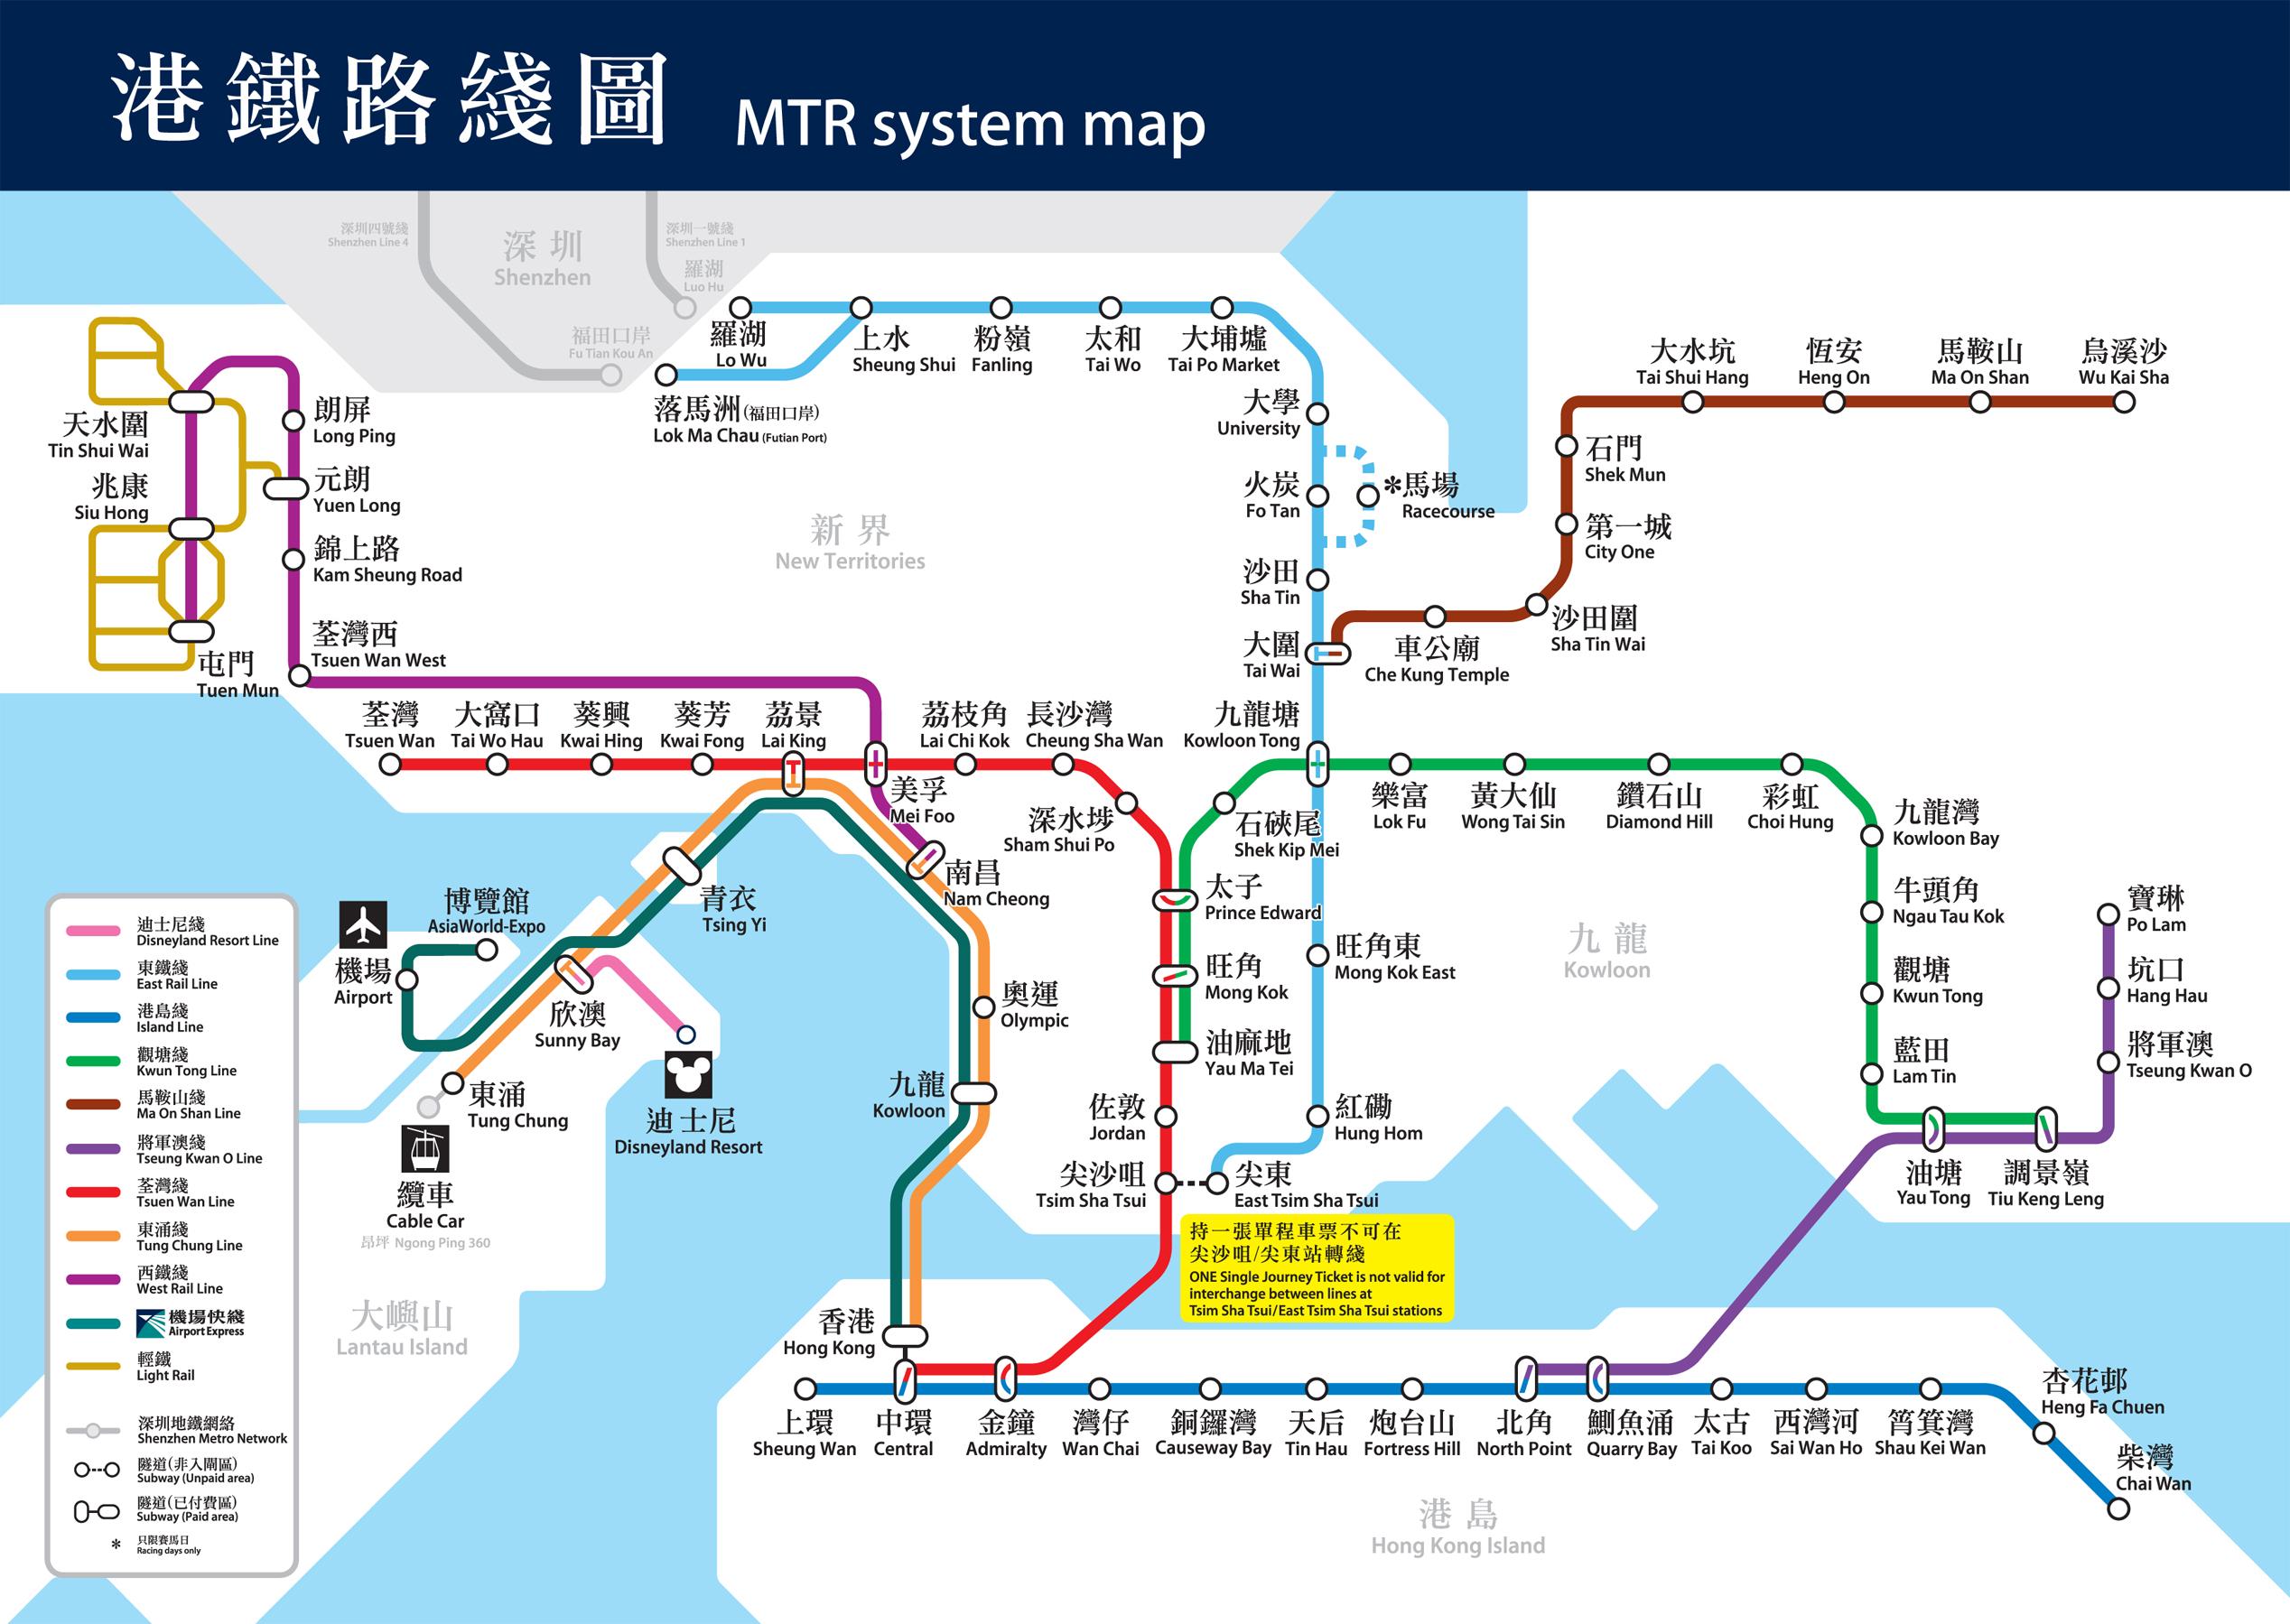 福岡空港から中國へ(その3)香港→中國 : 沖田事務所のアジアなblog